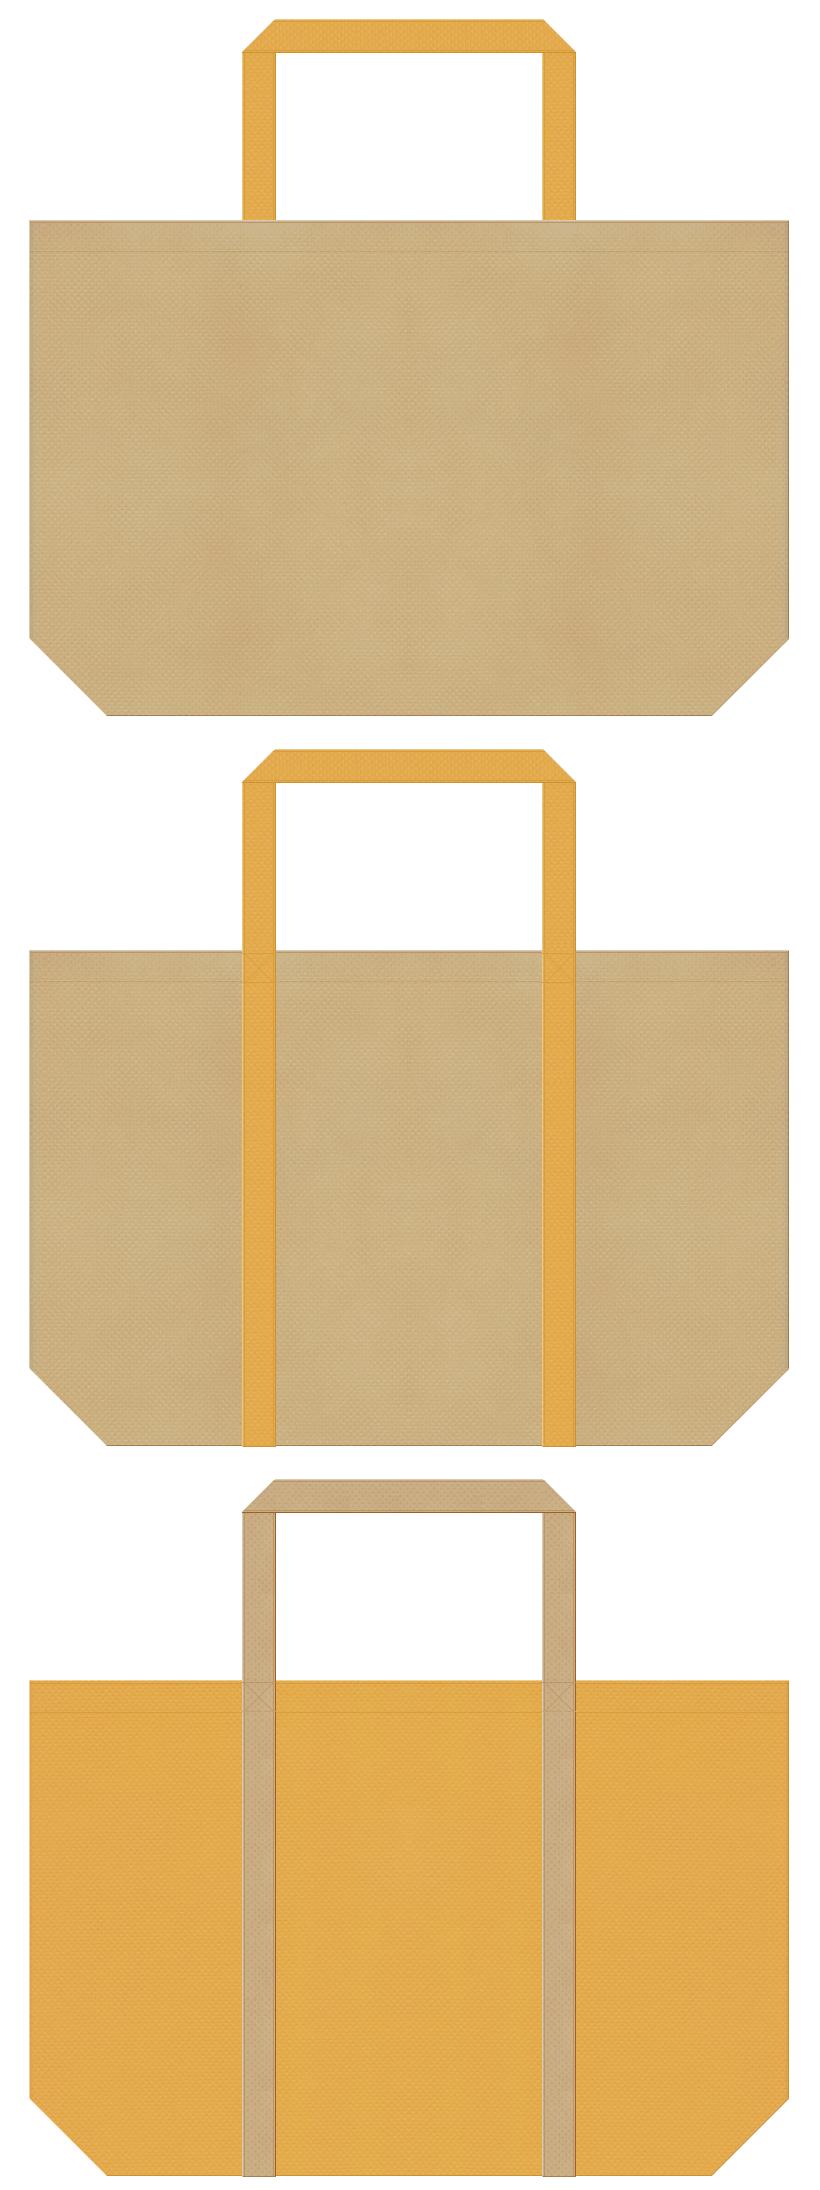 絵本・おとぎ話・木工・DIY・工作教室・クッキー・業務用フライヤー・揚げ物・お料理教室・菓子パン・ベーカリーのショッピングバッグにお奨めの不織布バッグデザイン:カーキ色と黄土色のコーデ